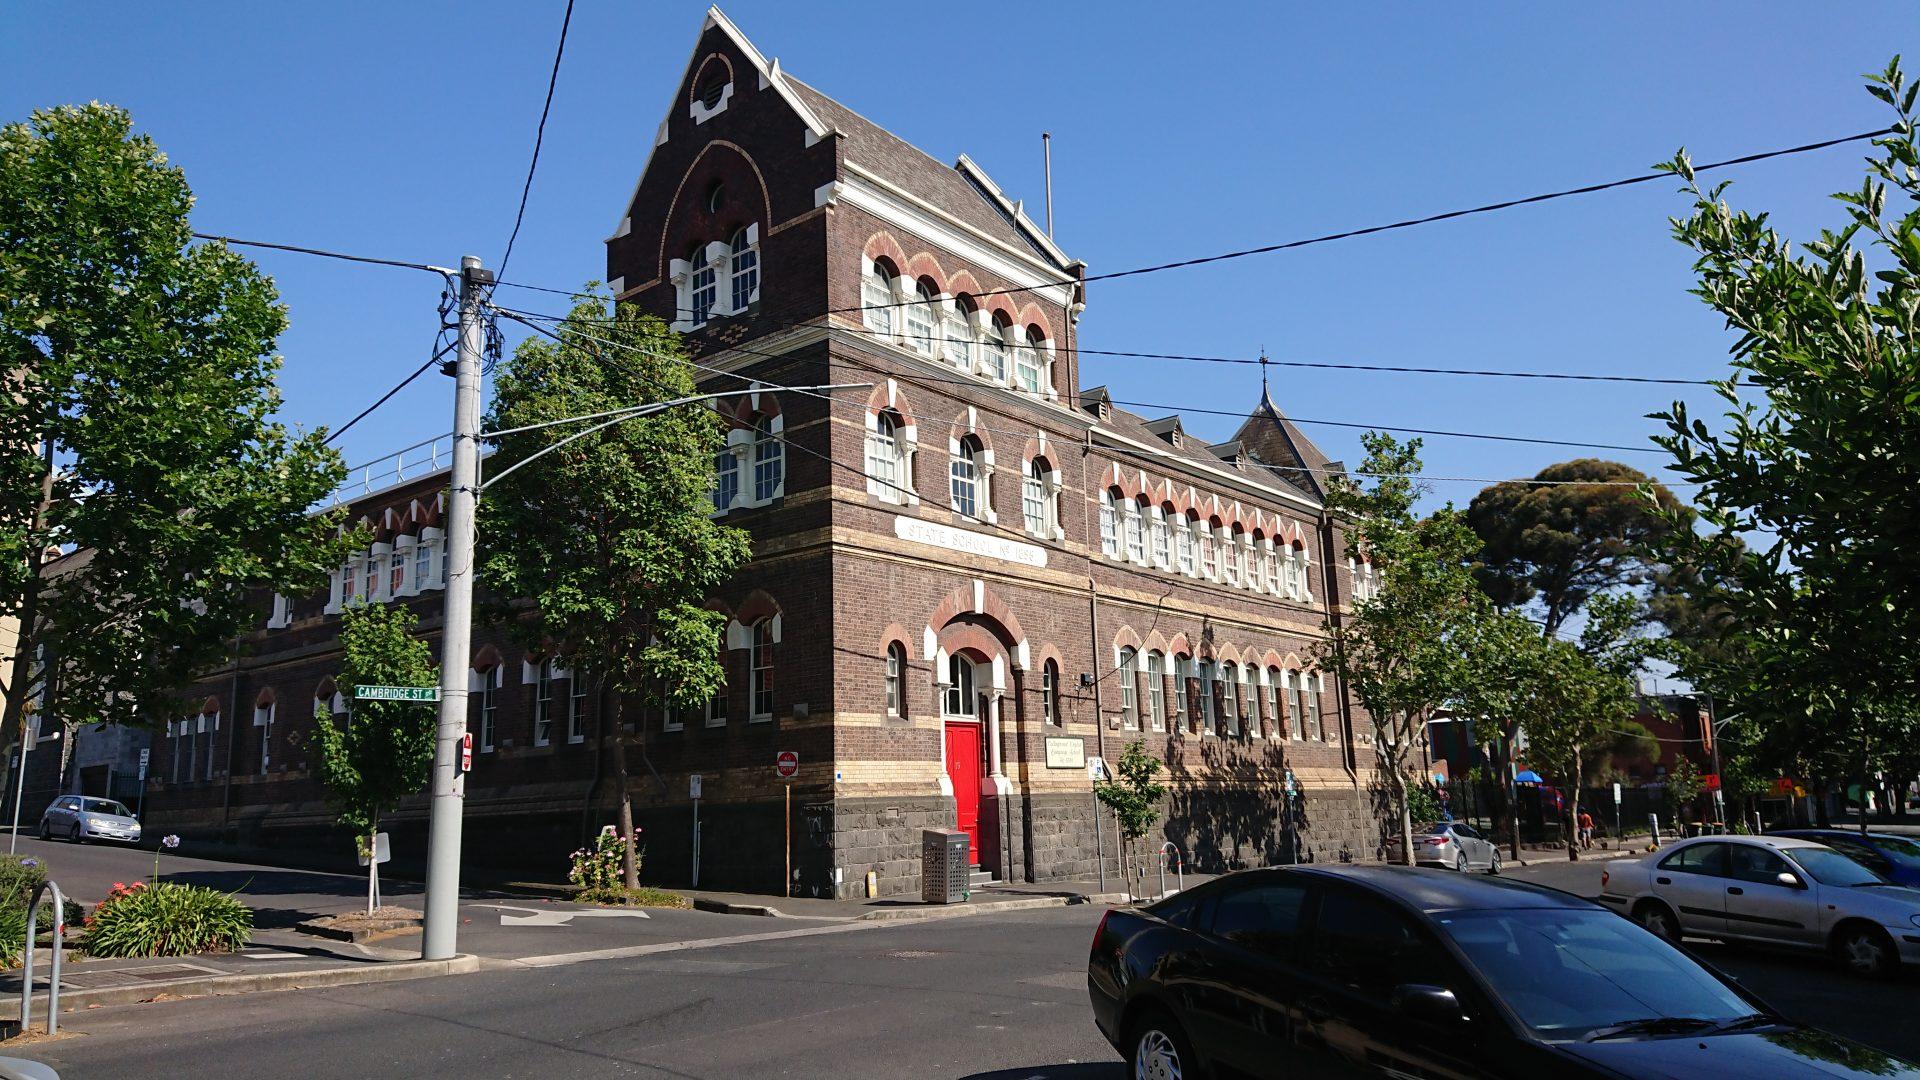 Collingwood Primary School (Cambridge Street) now